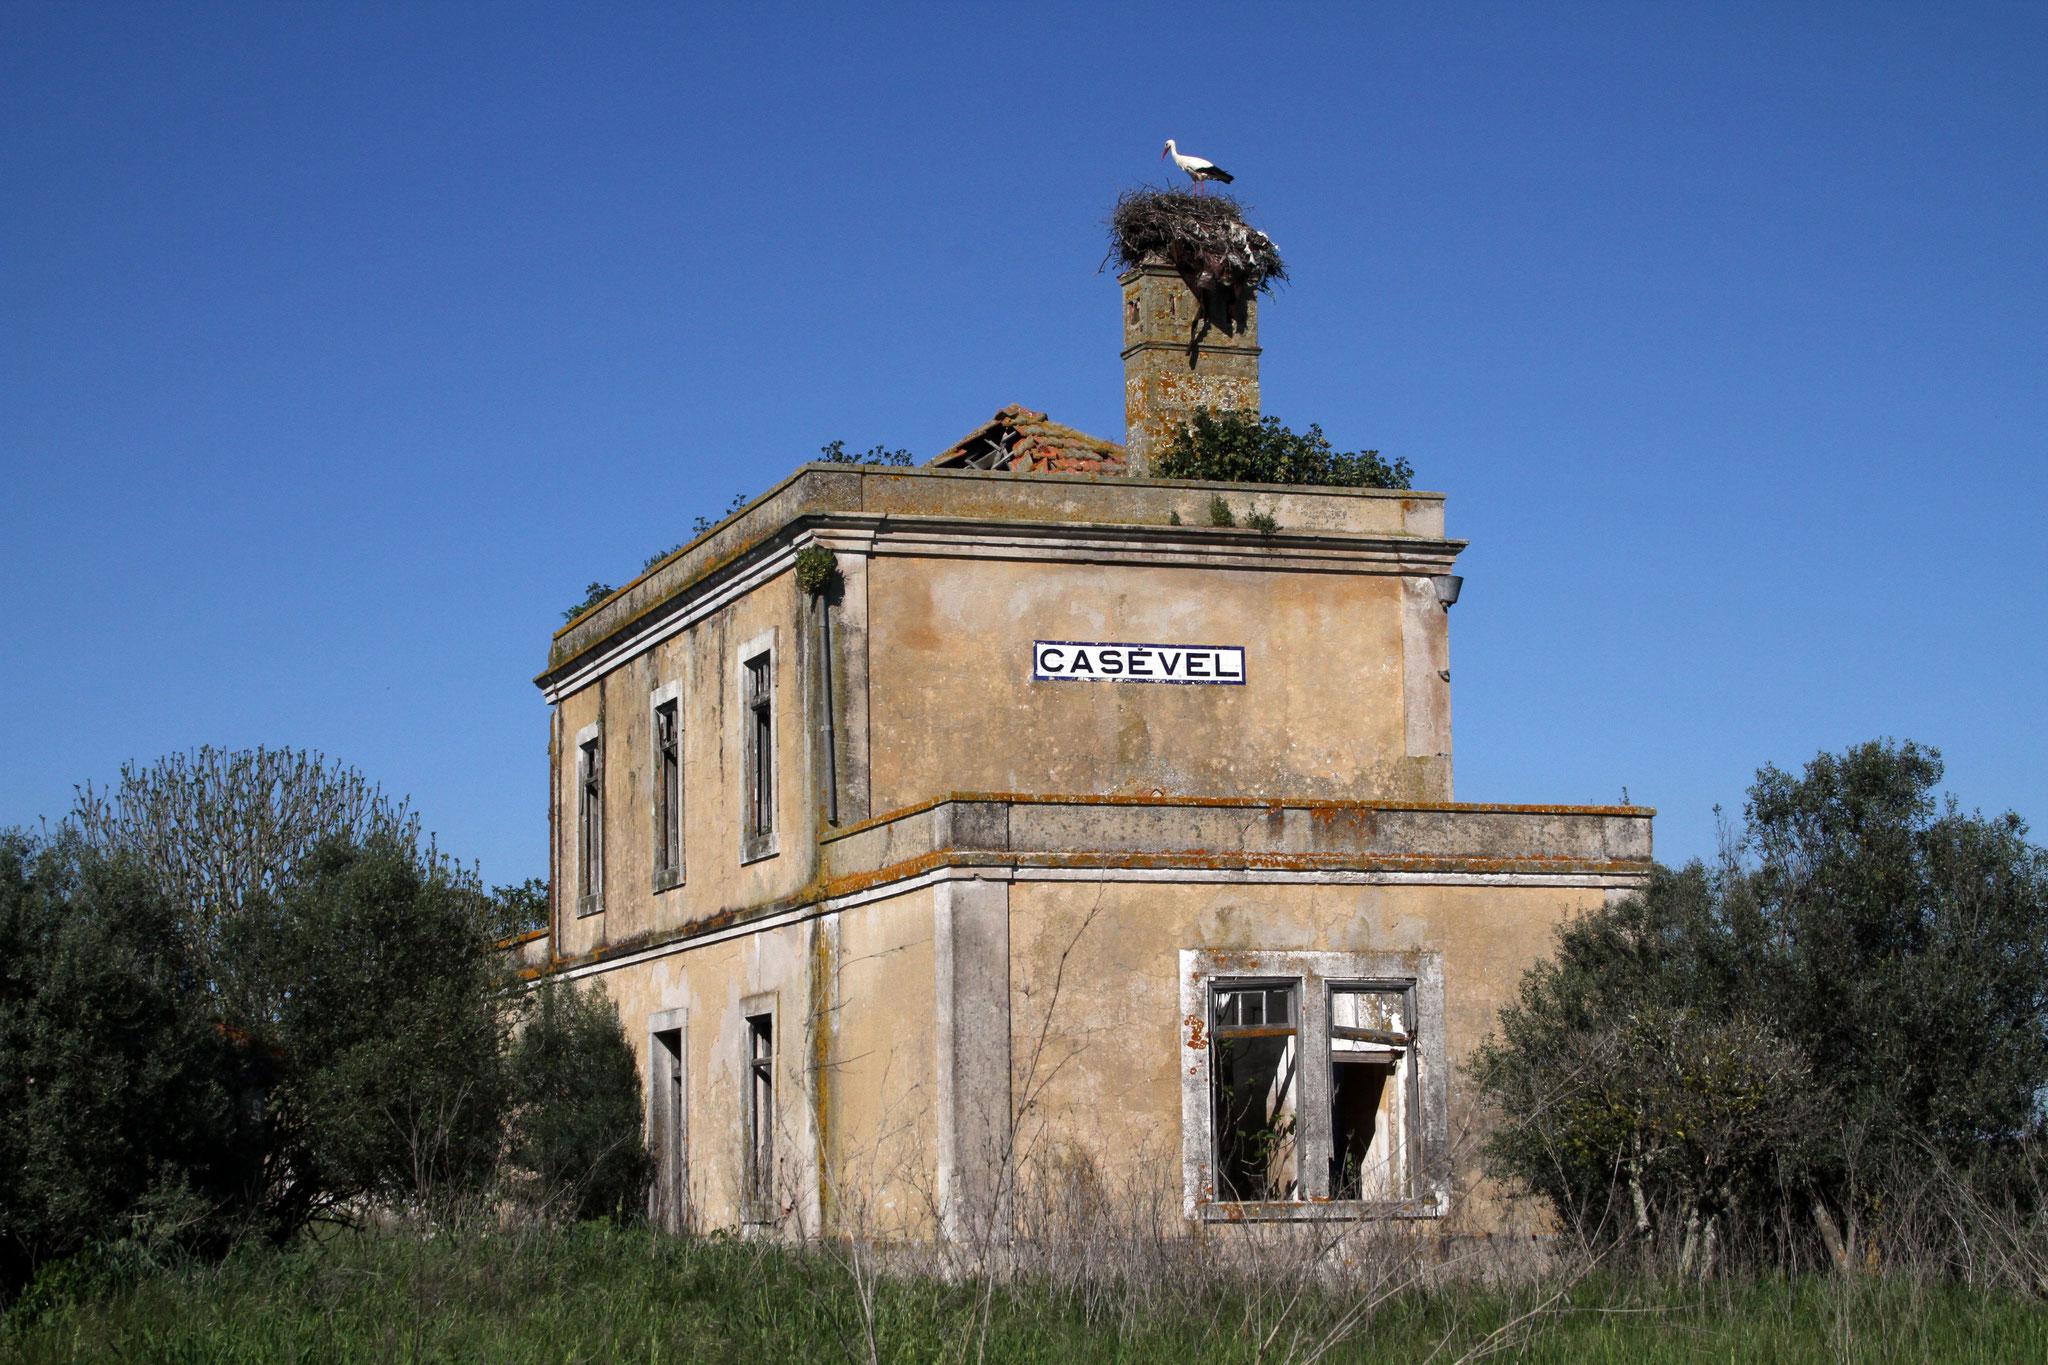 Typisch Portugal: der alte Bahnhof von Casevel wurde einfach stehengelassen und zerfällt langsam - für Vögel ein Paradies!